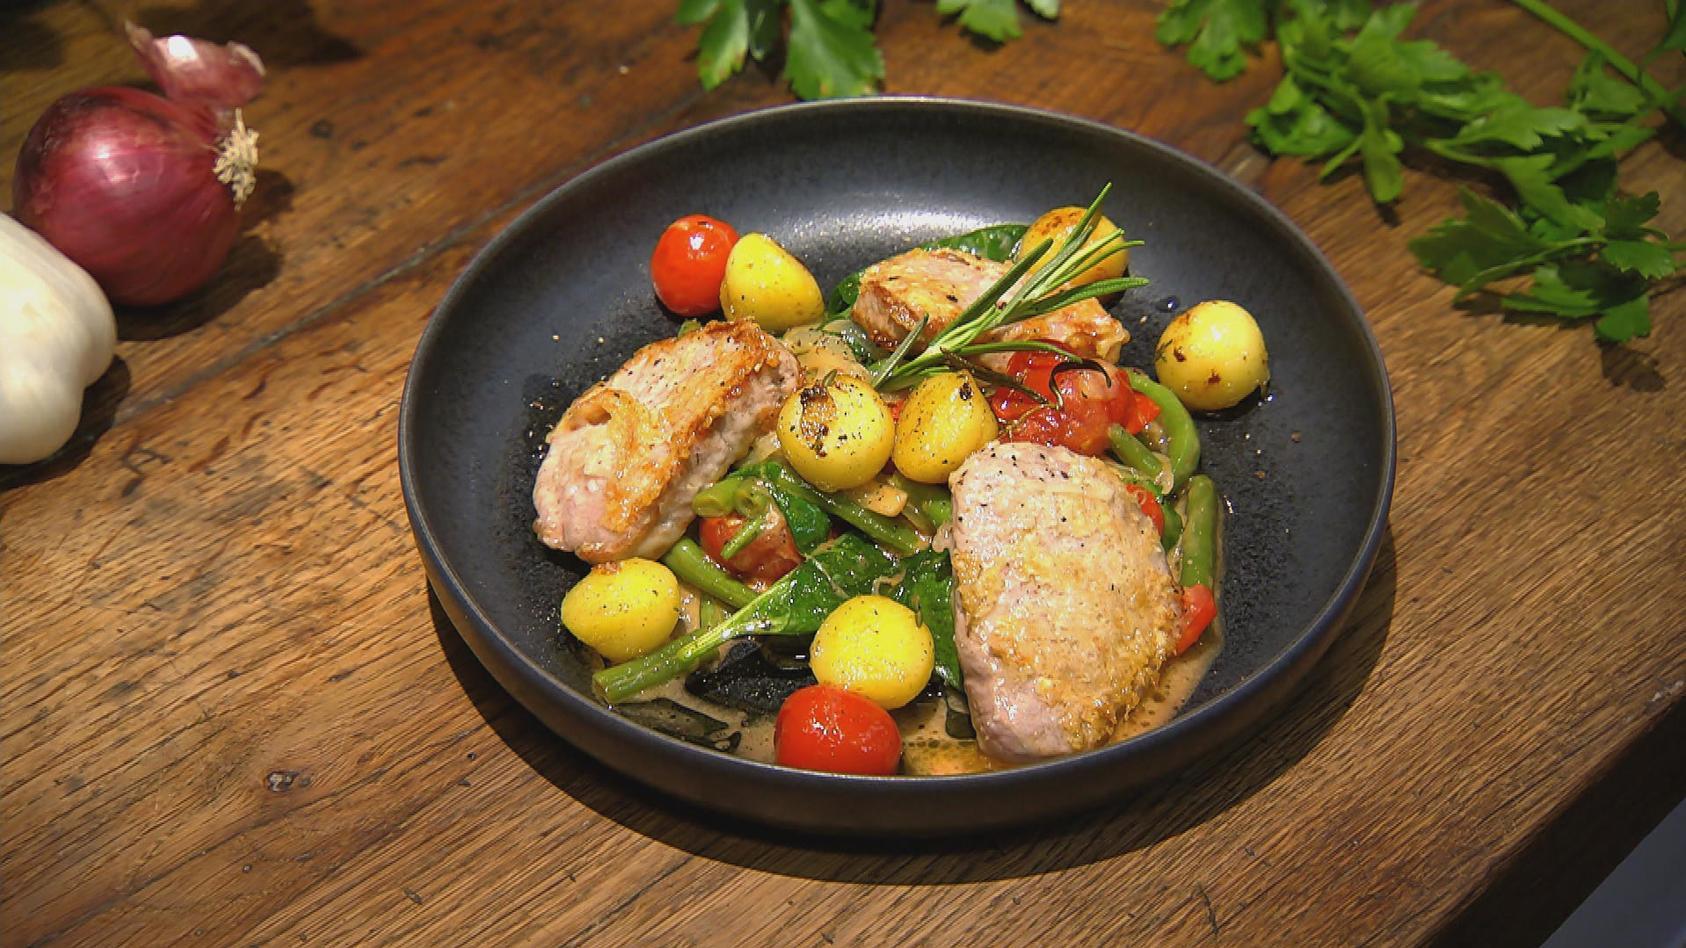 Piccata Mit Bratkartoffeln Und Gemüse – Das Rezept Aus bei Essen Und Trinken Gemüse